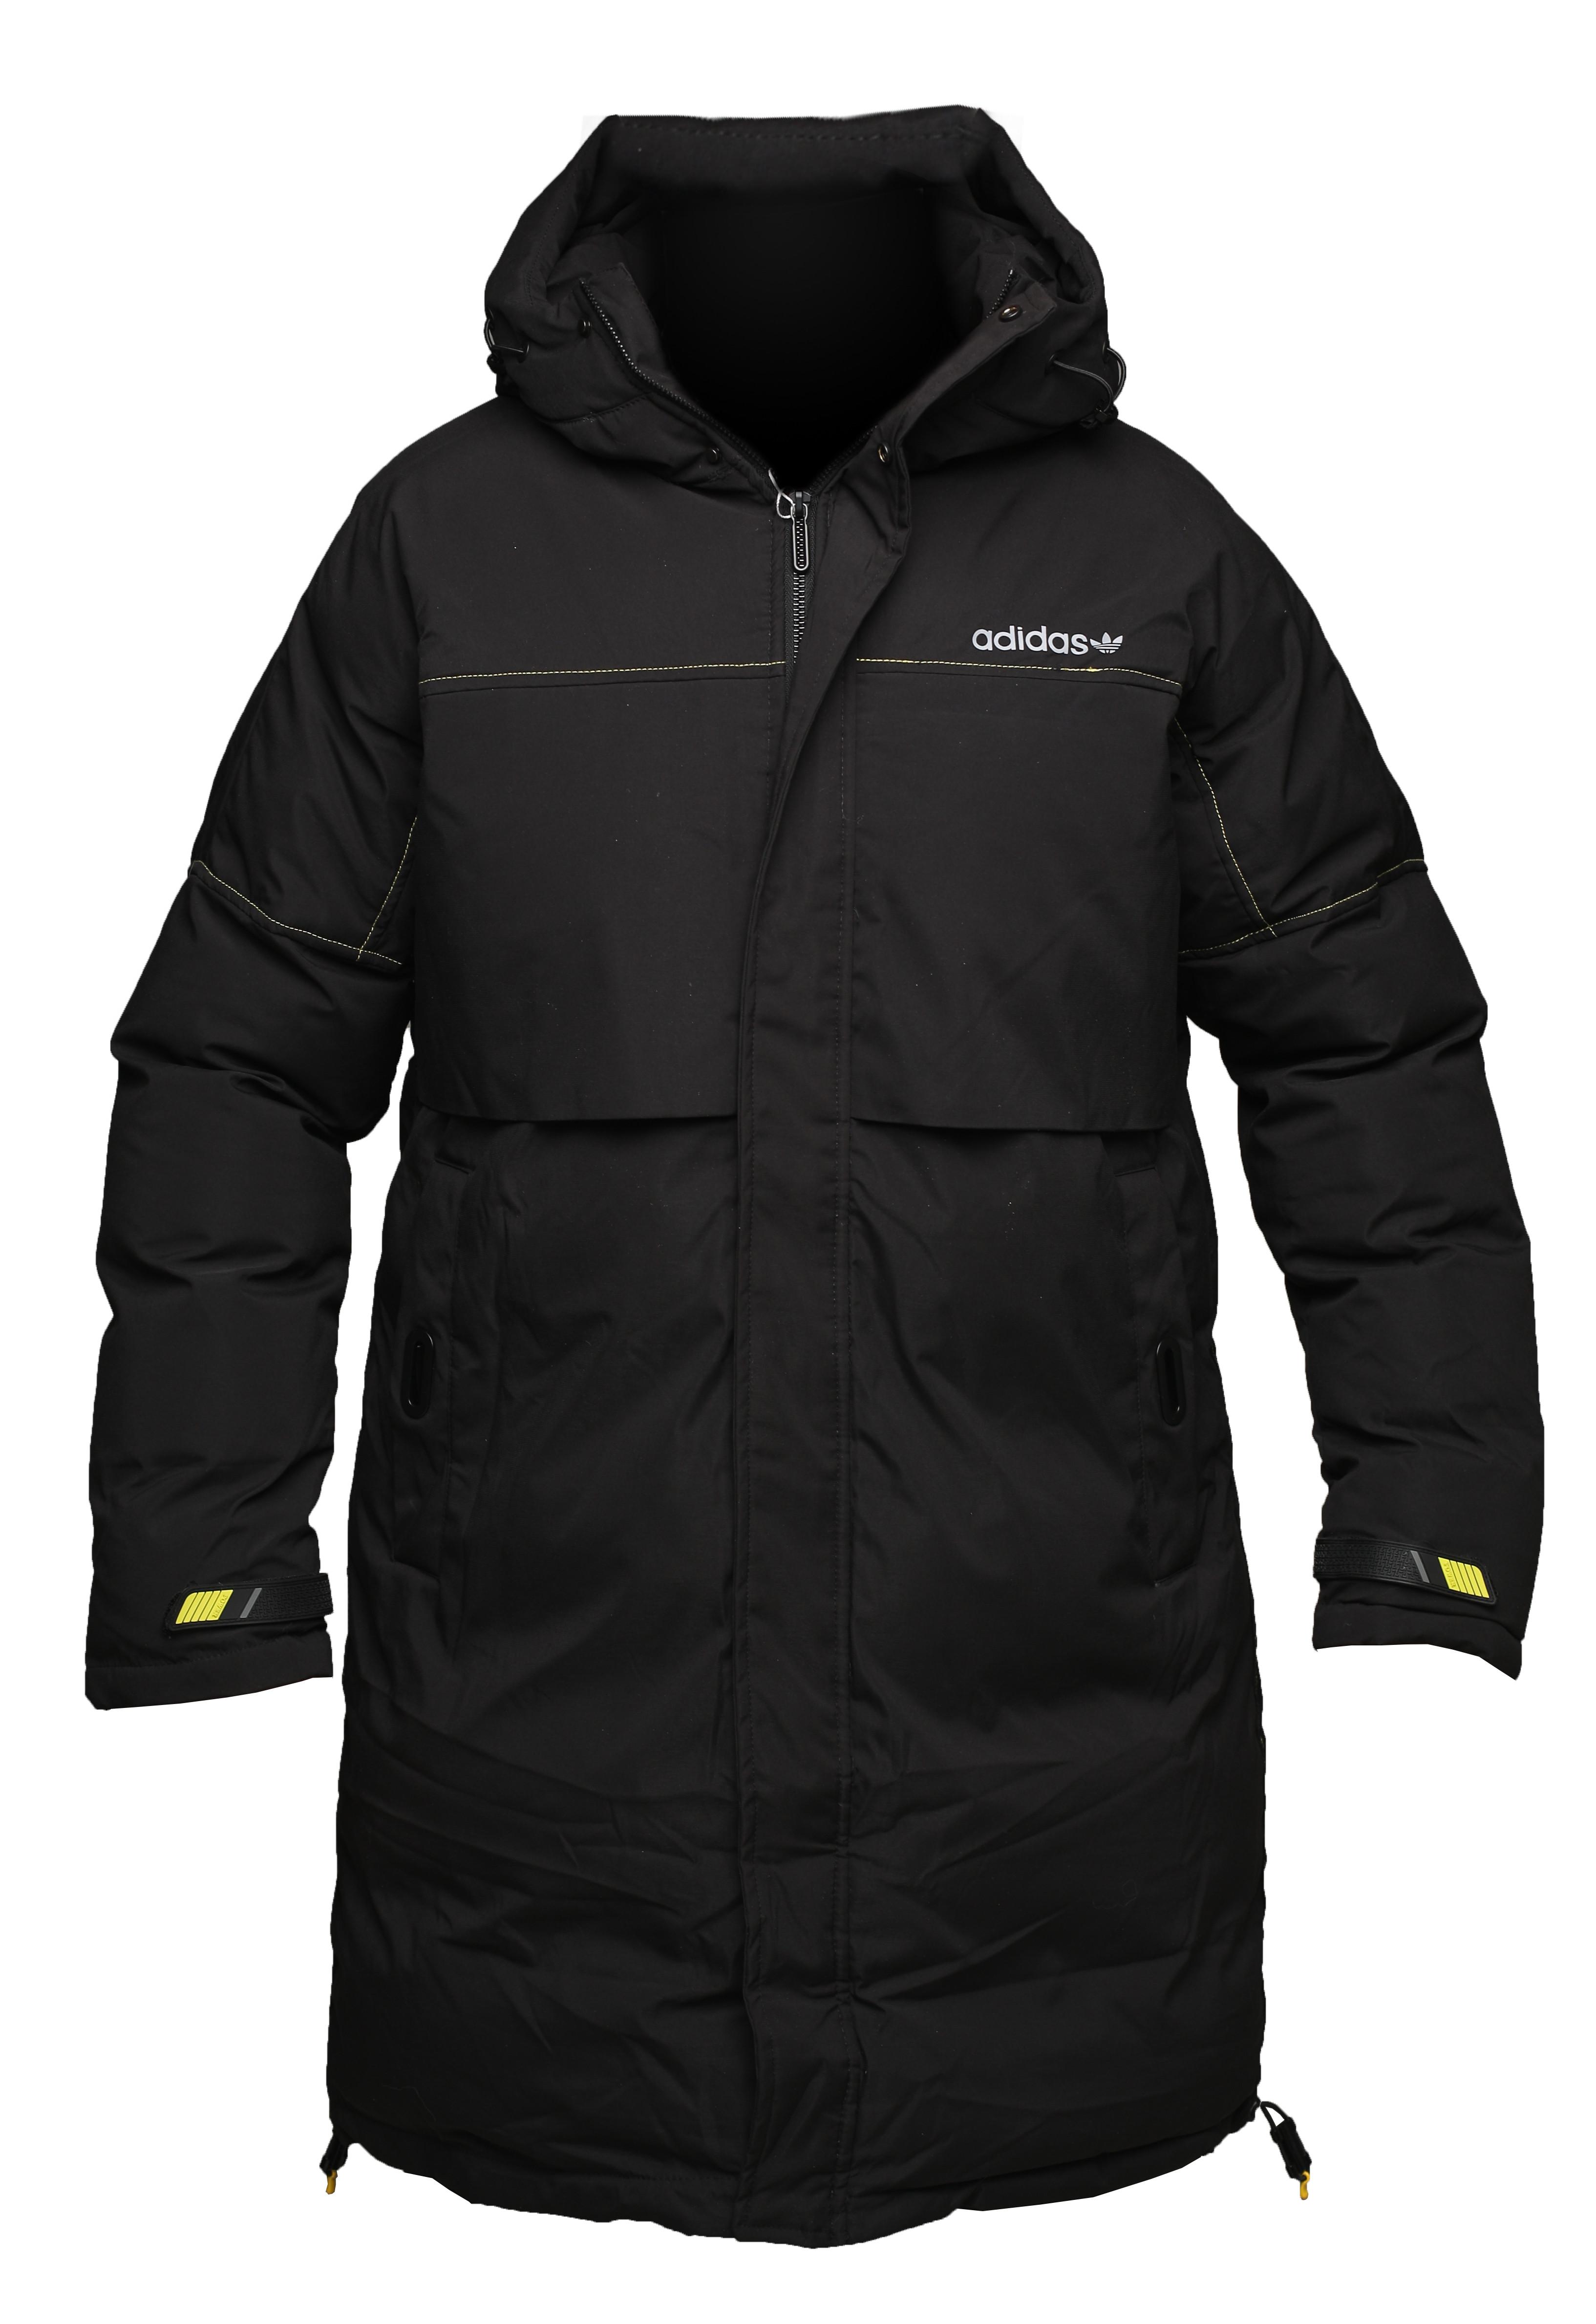 Утепленная куртка adidas original life ceremony black